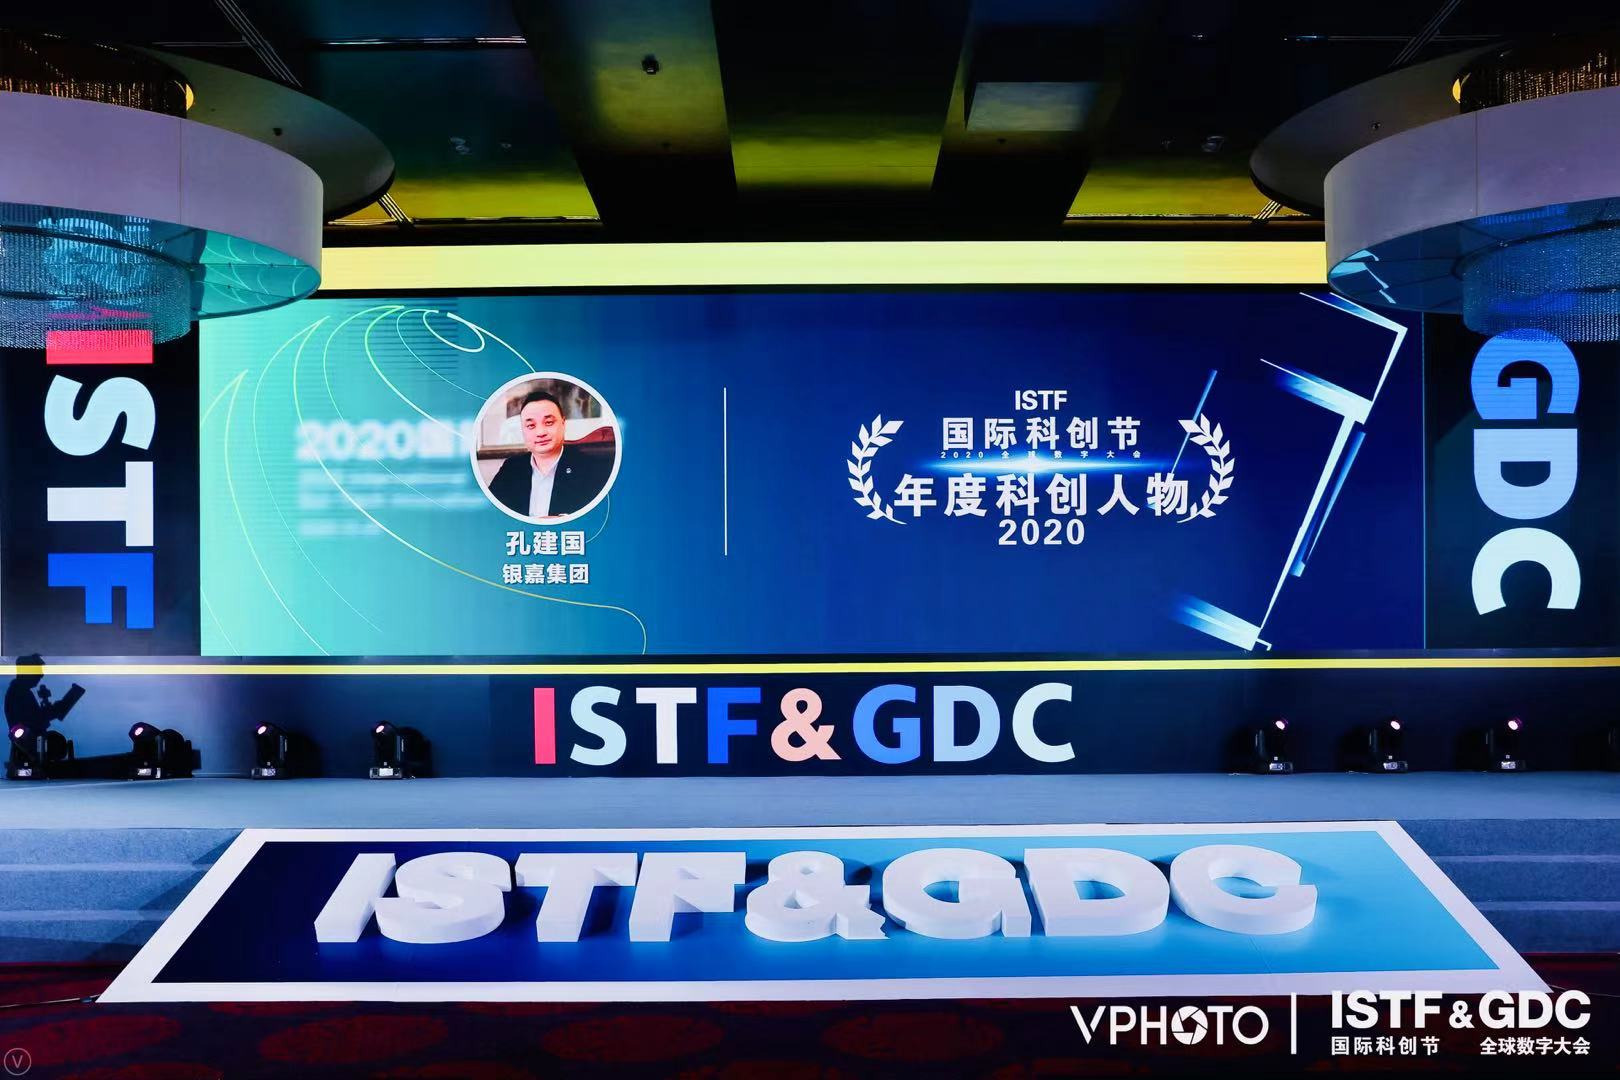 2020国际科创节奖评揭晓,银嘉集团及董事长孔建国先生双获殊荣